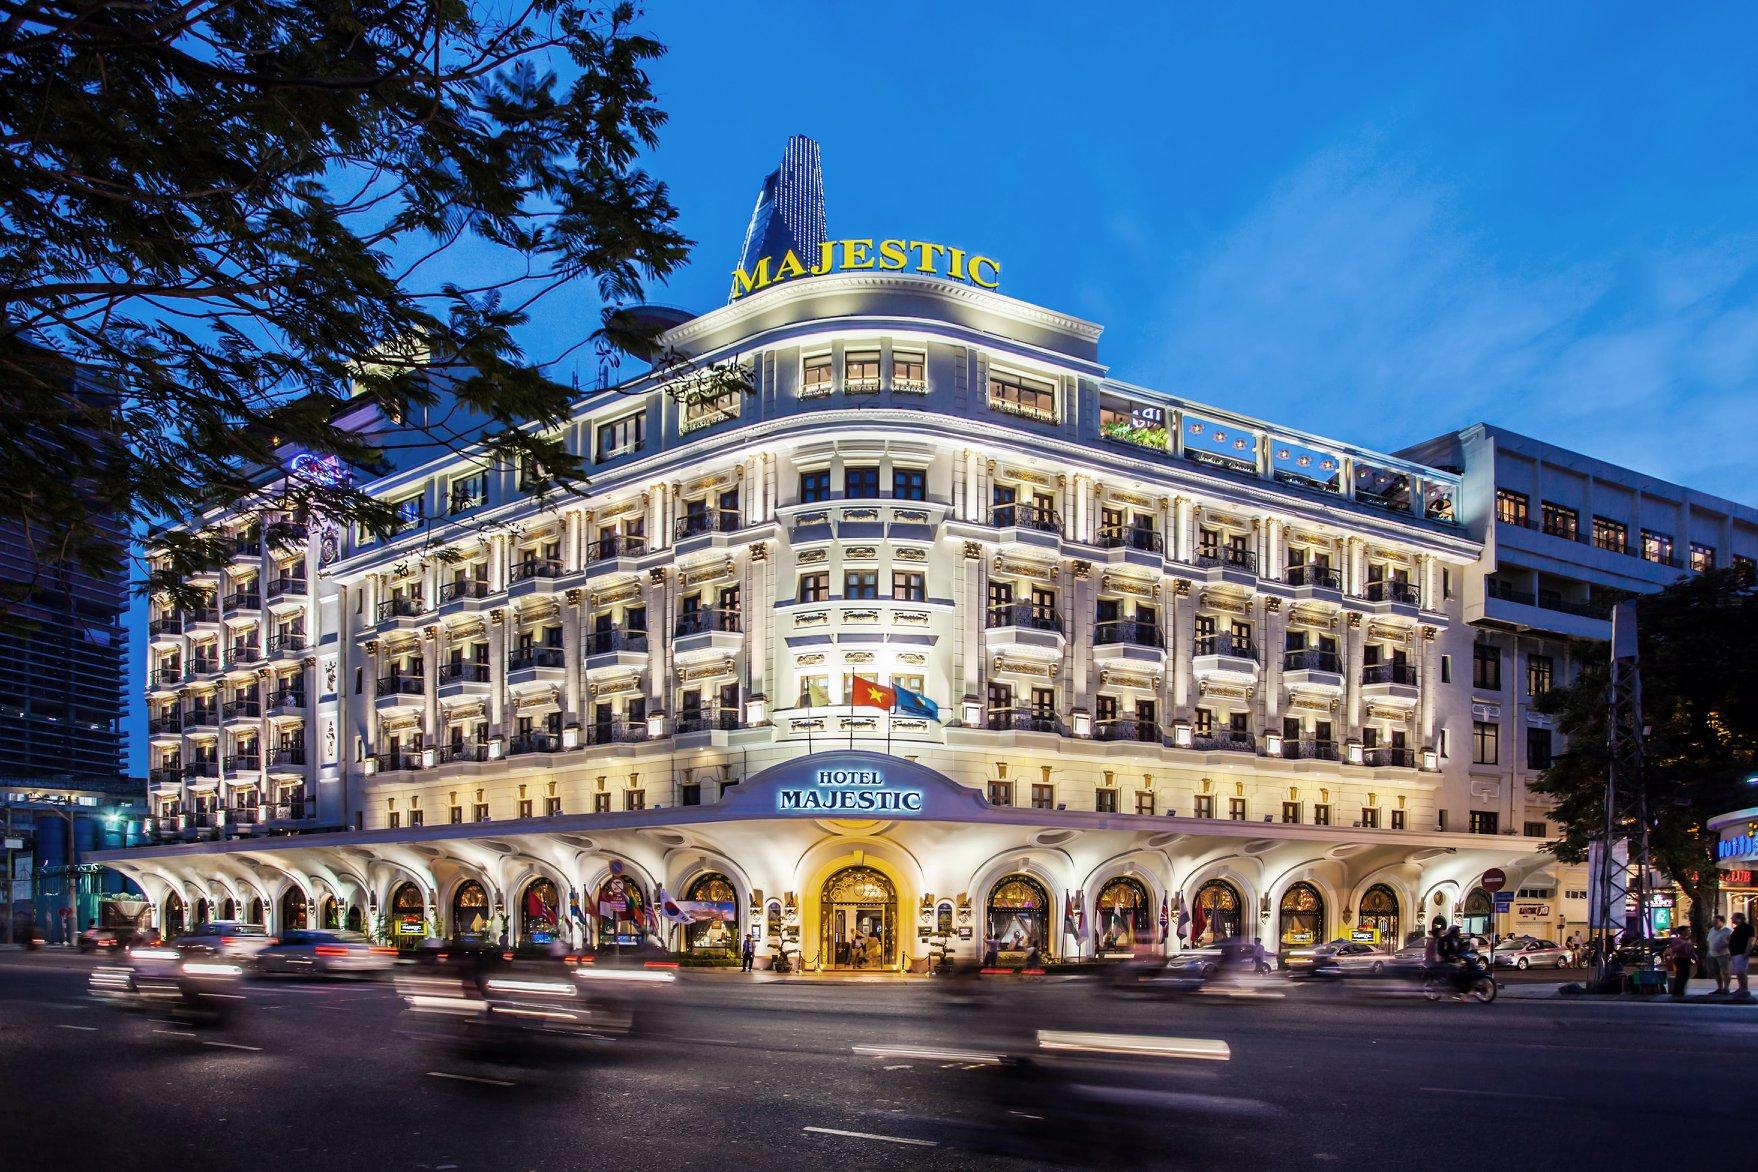 Hotel Majestic Saigon - Khách sạn Majestic Saigon